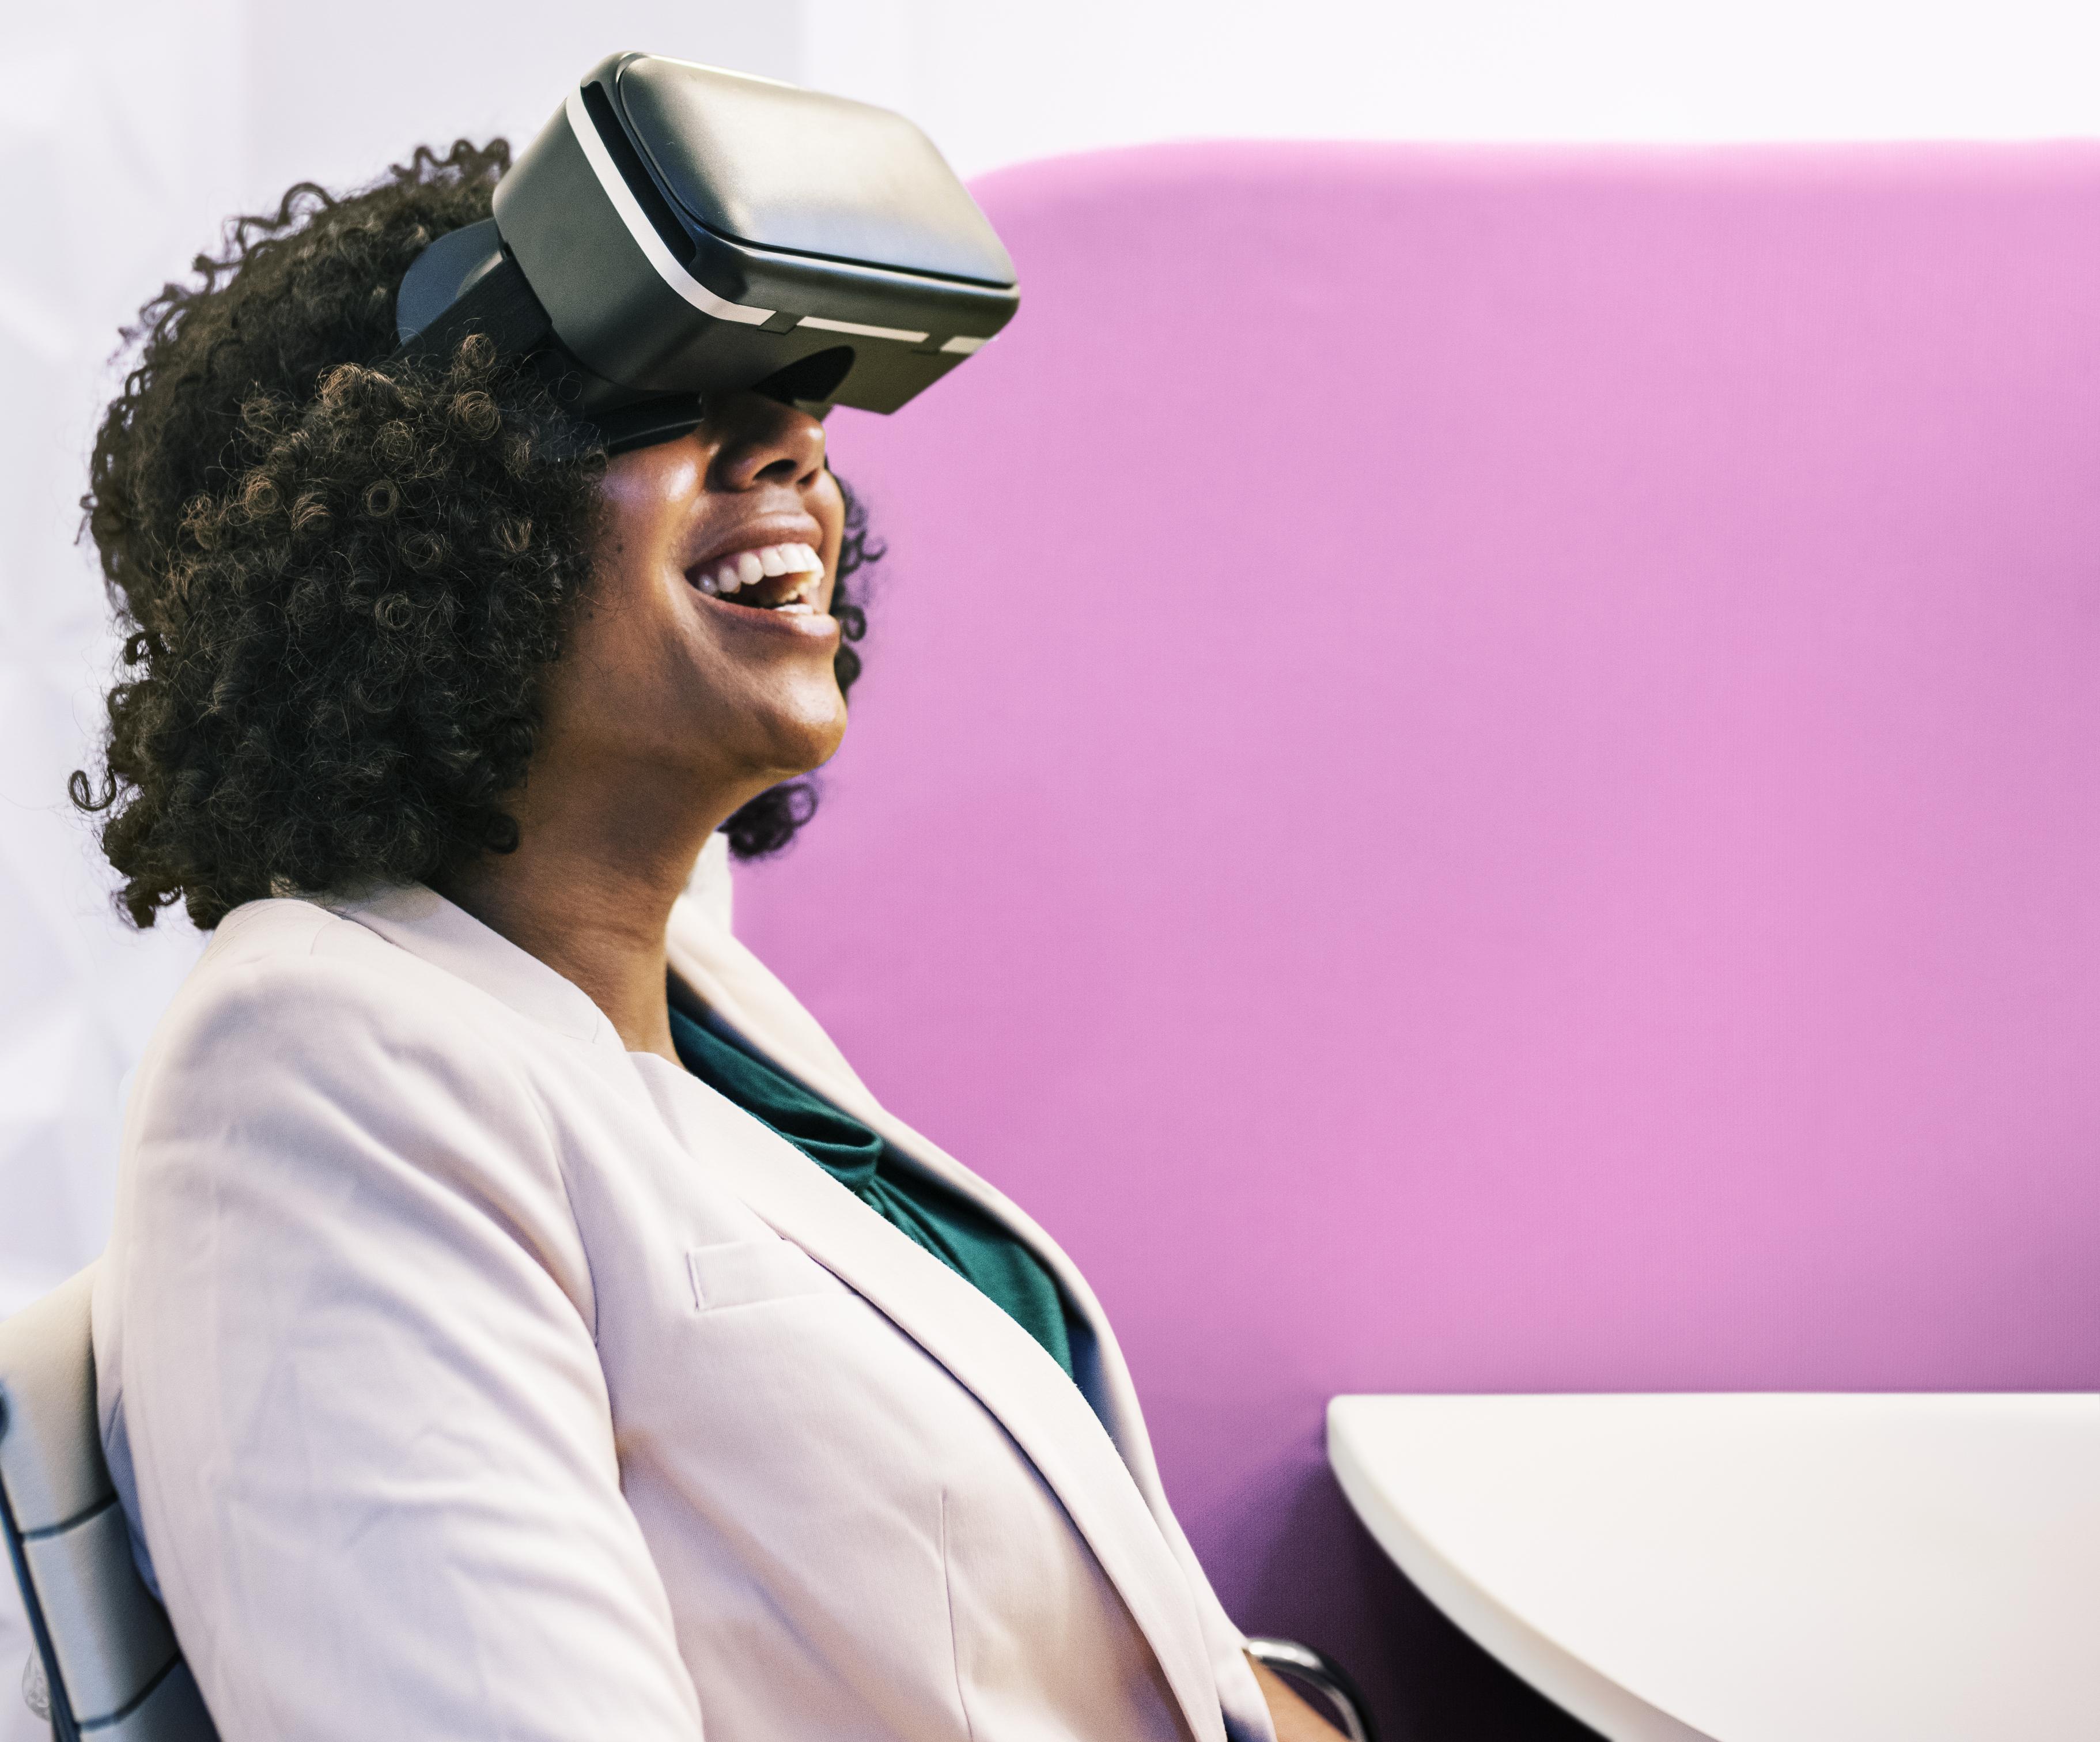 Ιαπωνικό VR κοστούμι σεξ